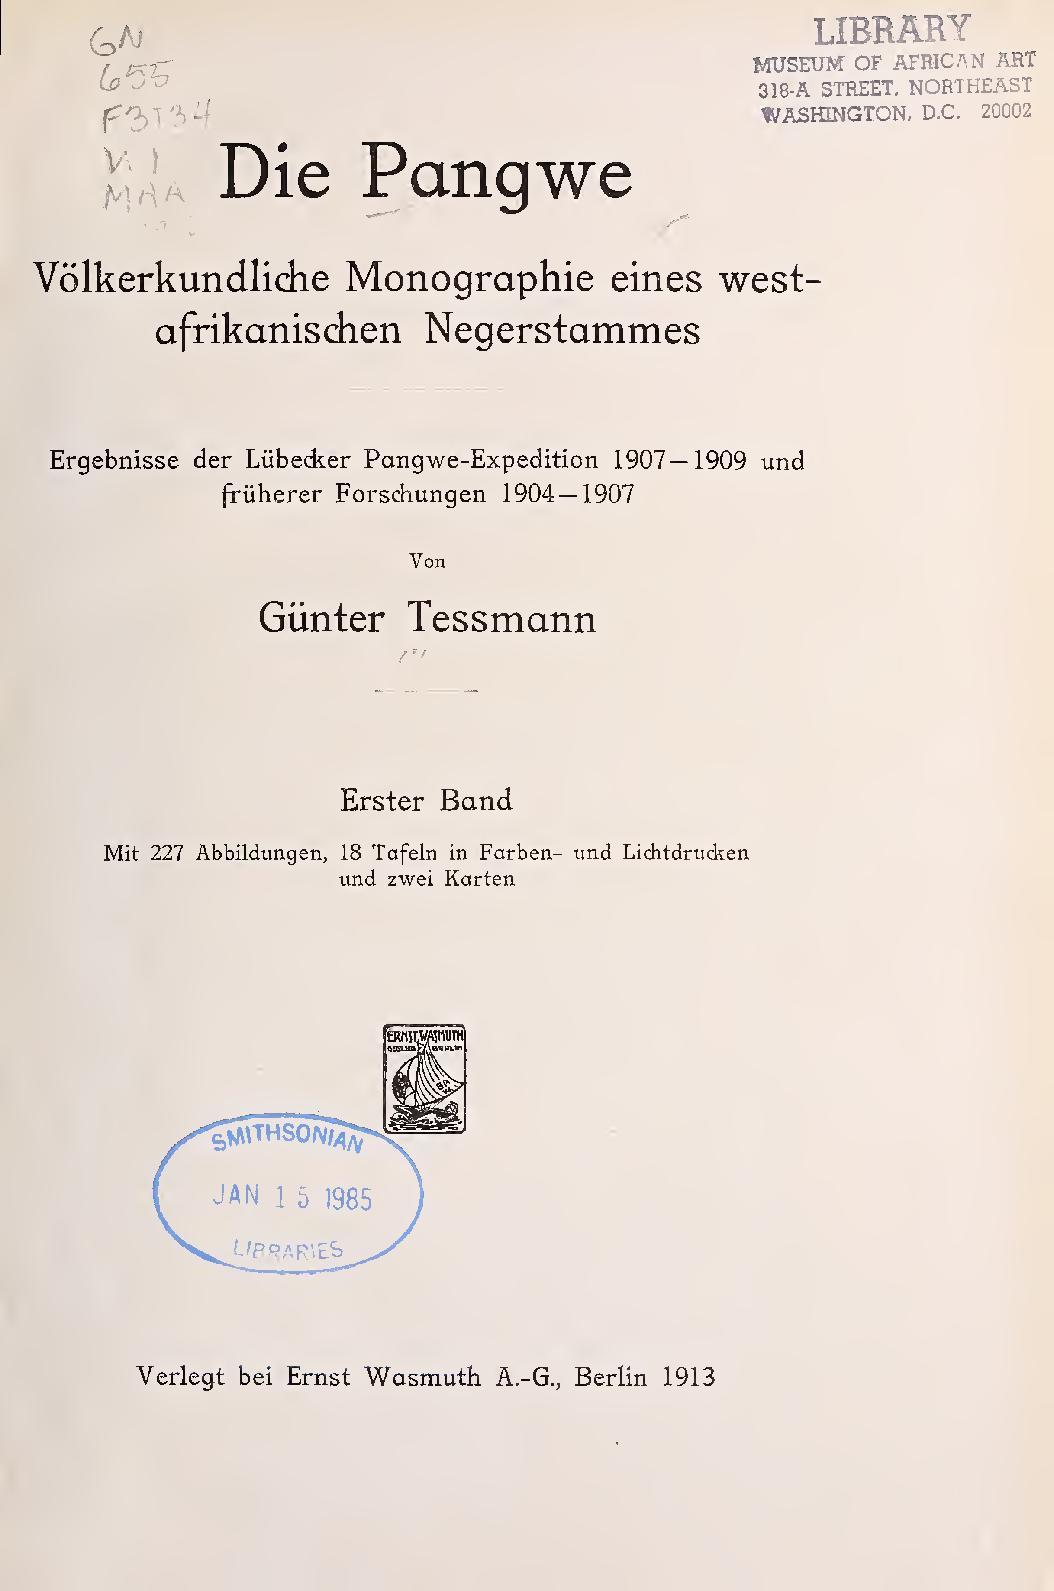 Großen Garten Pflegeleicht Gestalten Einzigartig Calaméo Die Pangwe T 1 Volkerkundliche Monographie Eines